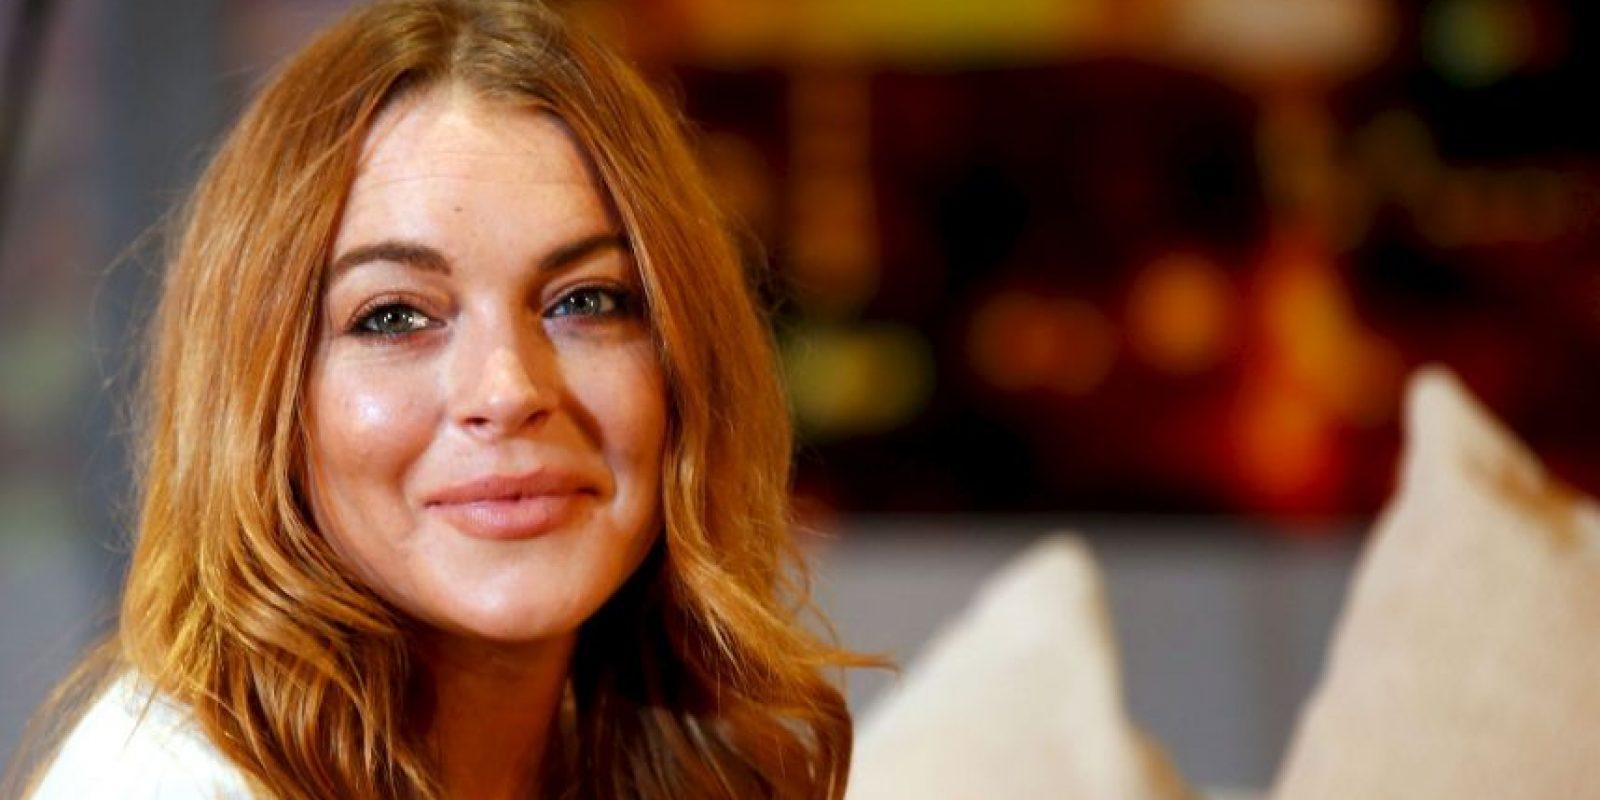 Lindsay ganó mayor fama entre 2003 y 2006 Foto:Getty Images